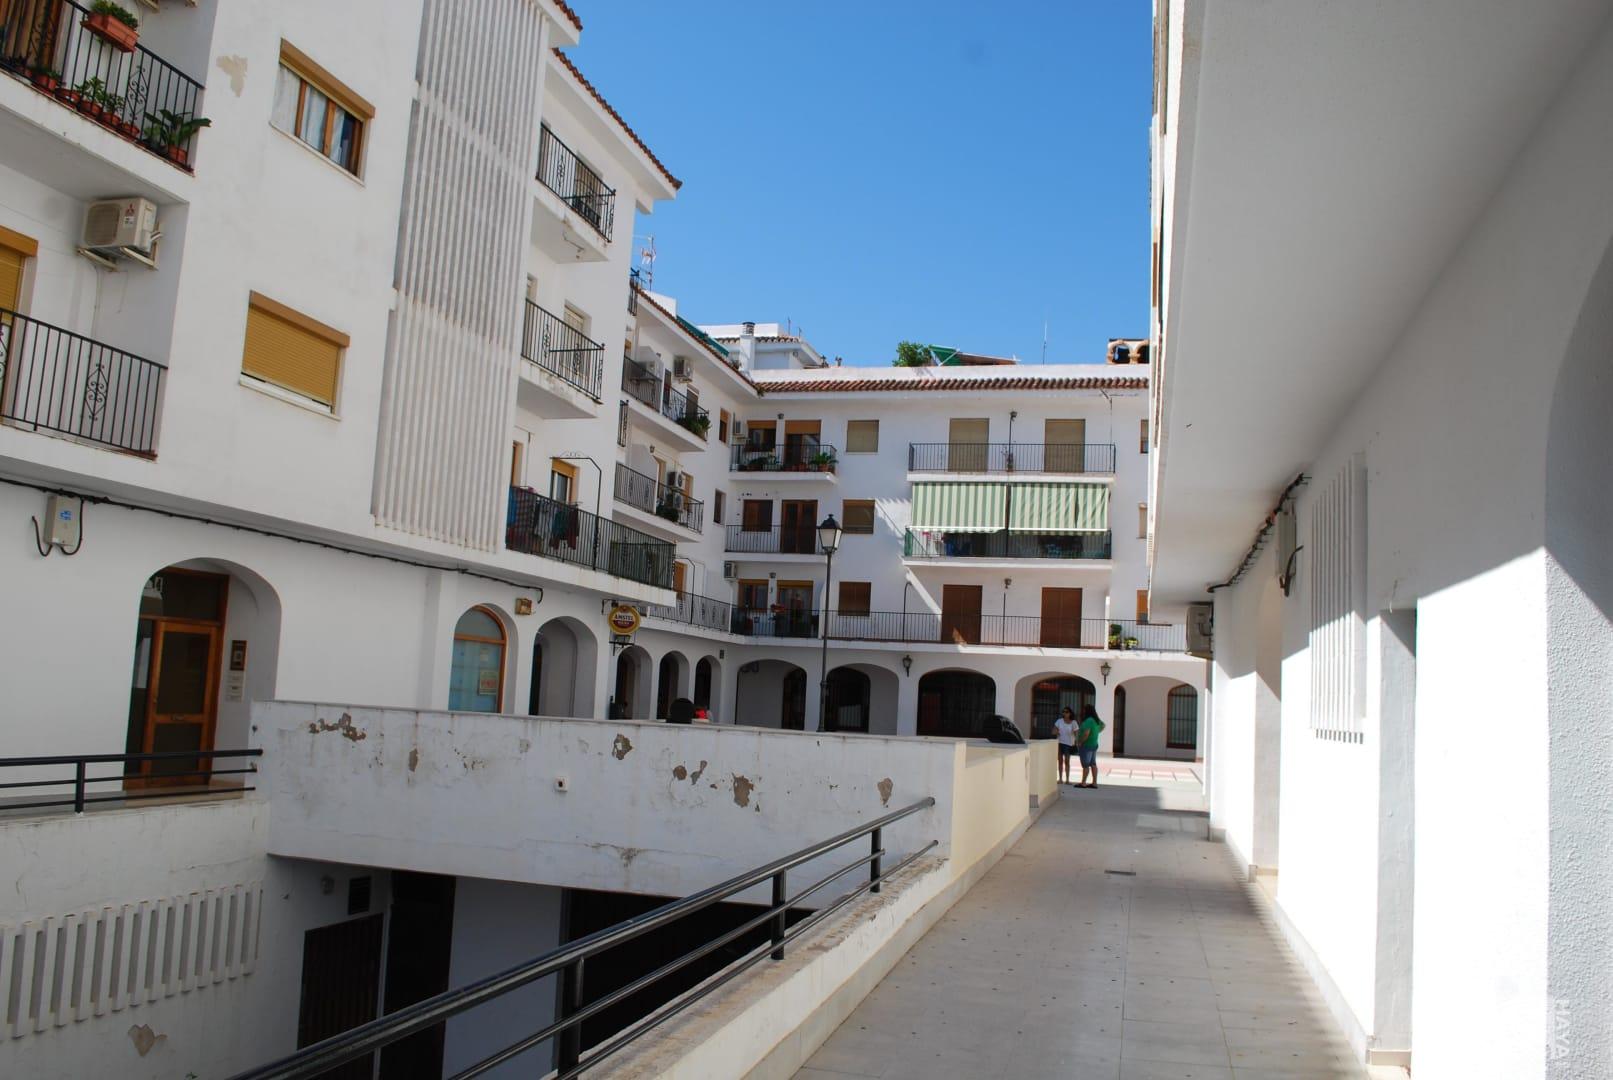 Piso en venta en Pego, Alicante, Plaza Constitucio, 73.000 €, 3 habitaciones, 2 baños, 143 m2